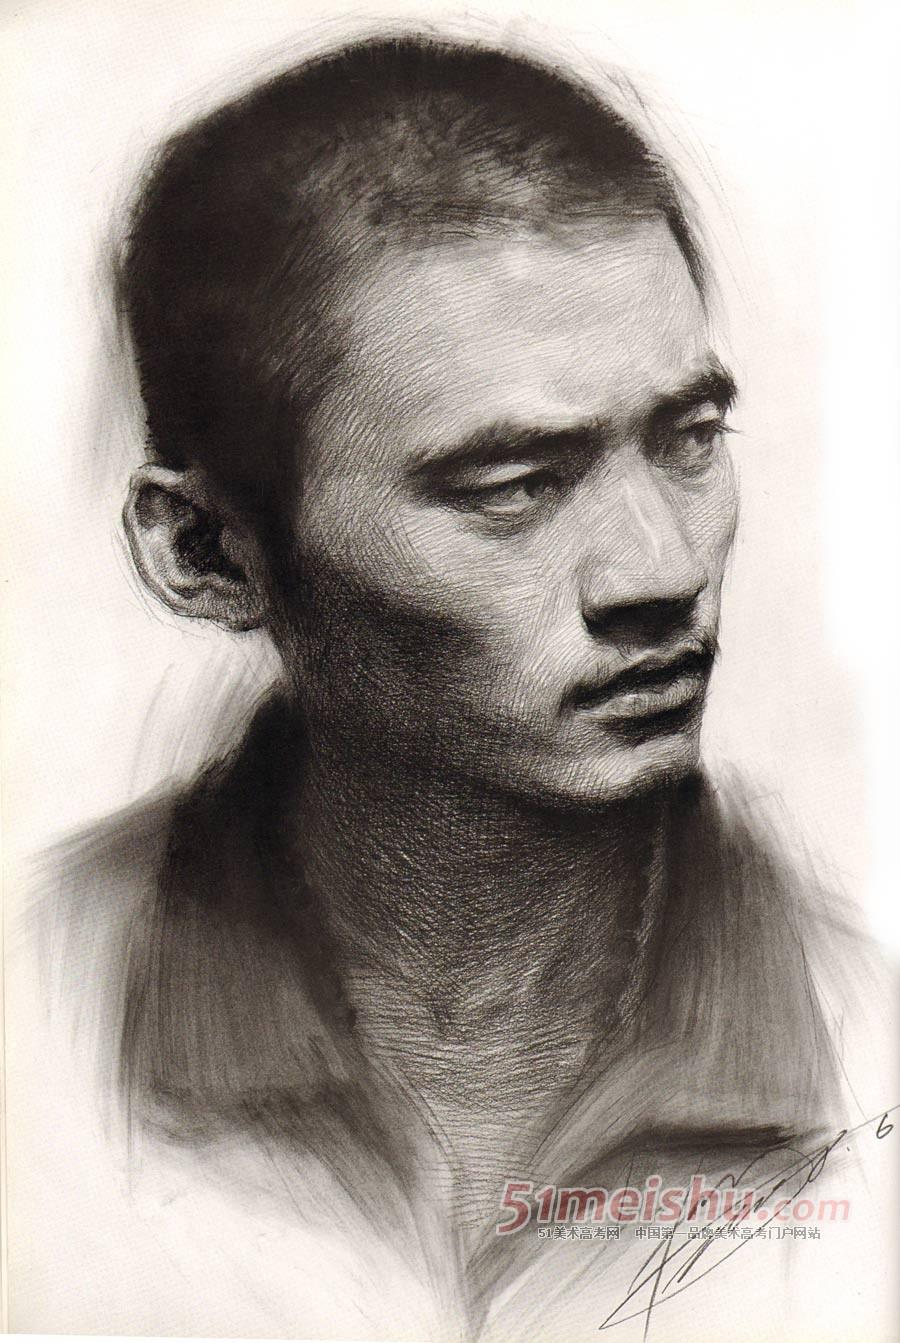 短发男青年正面侧面多角度素描头像步骤详细图f.jpg